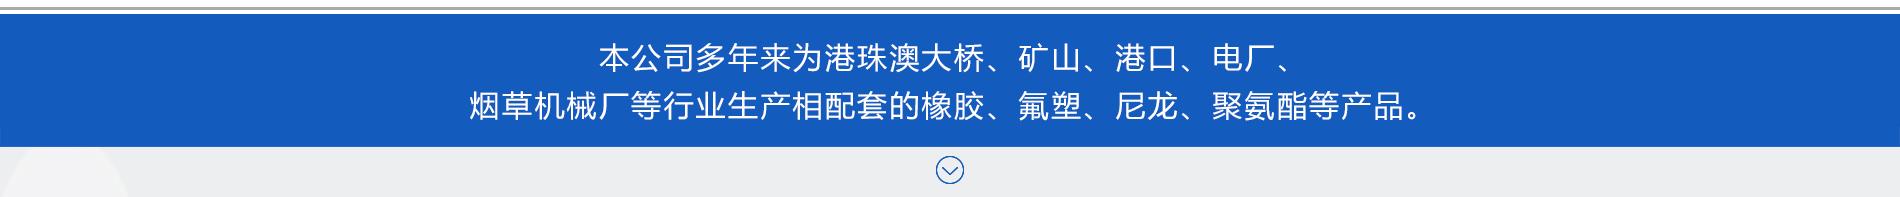 秦皇岛橡胶制品